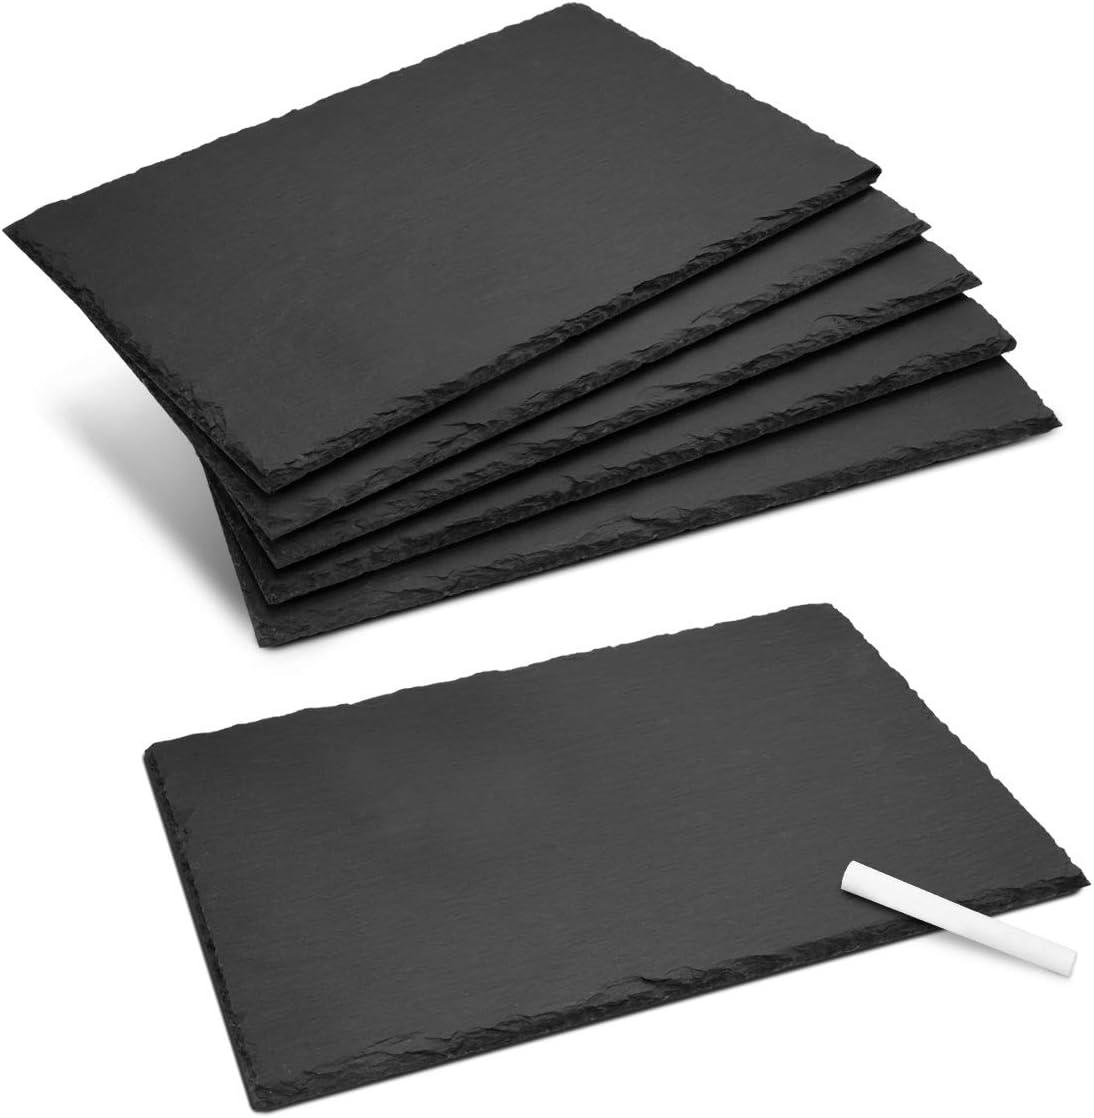 Navaris 6X Plato Llano de Pizarra Natural - Bandejas para Servir Alimentos quesos Aperitivos Tapas Sushi - Tablas rectangulares de Piedra 30 X 20 CM